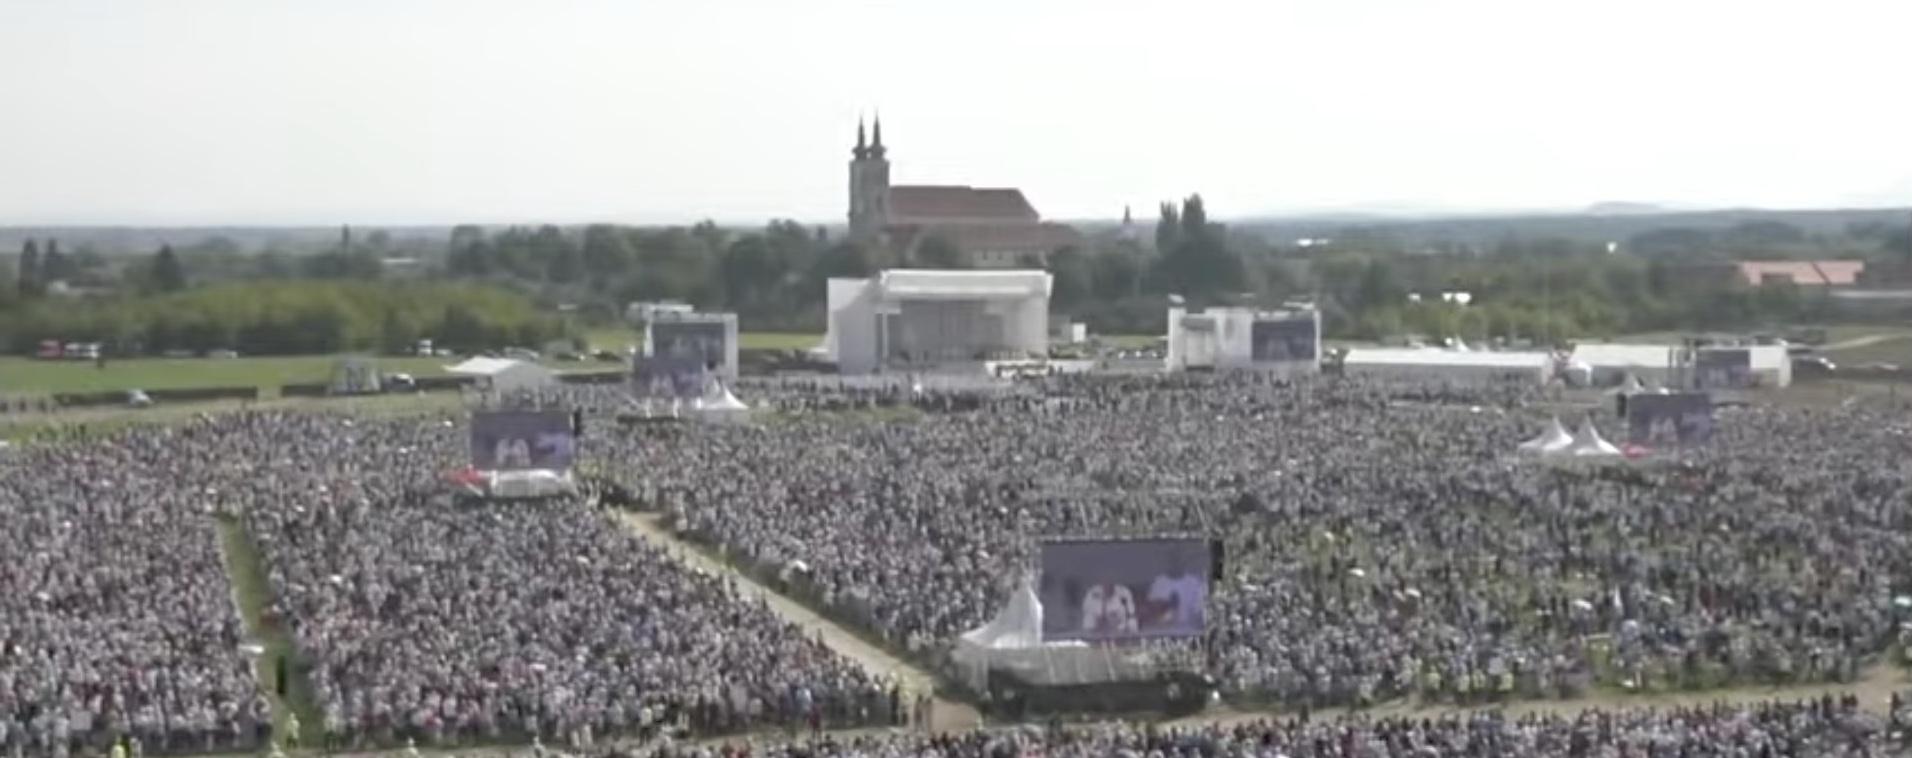 Slovaquie: le Pape au sanctuaire marial de Šaštin